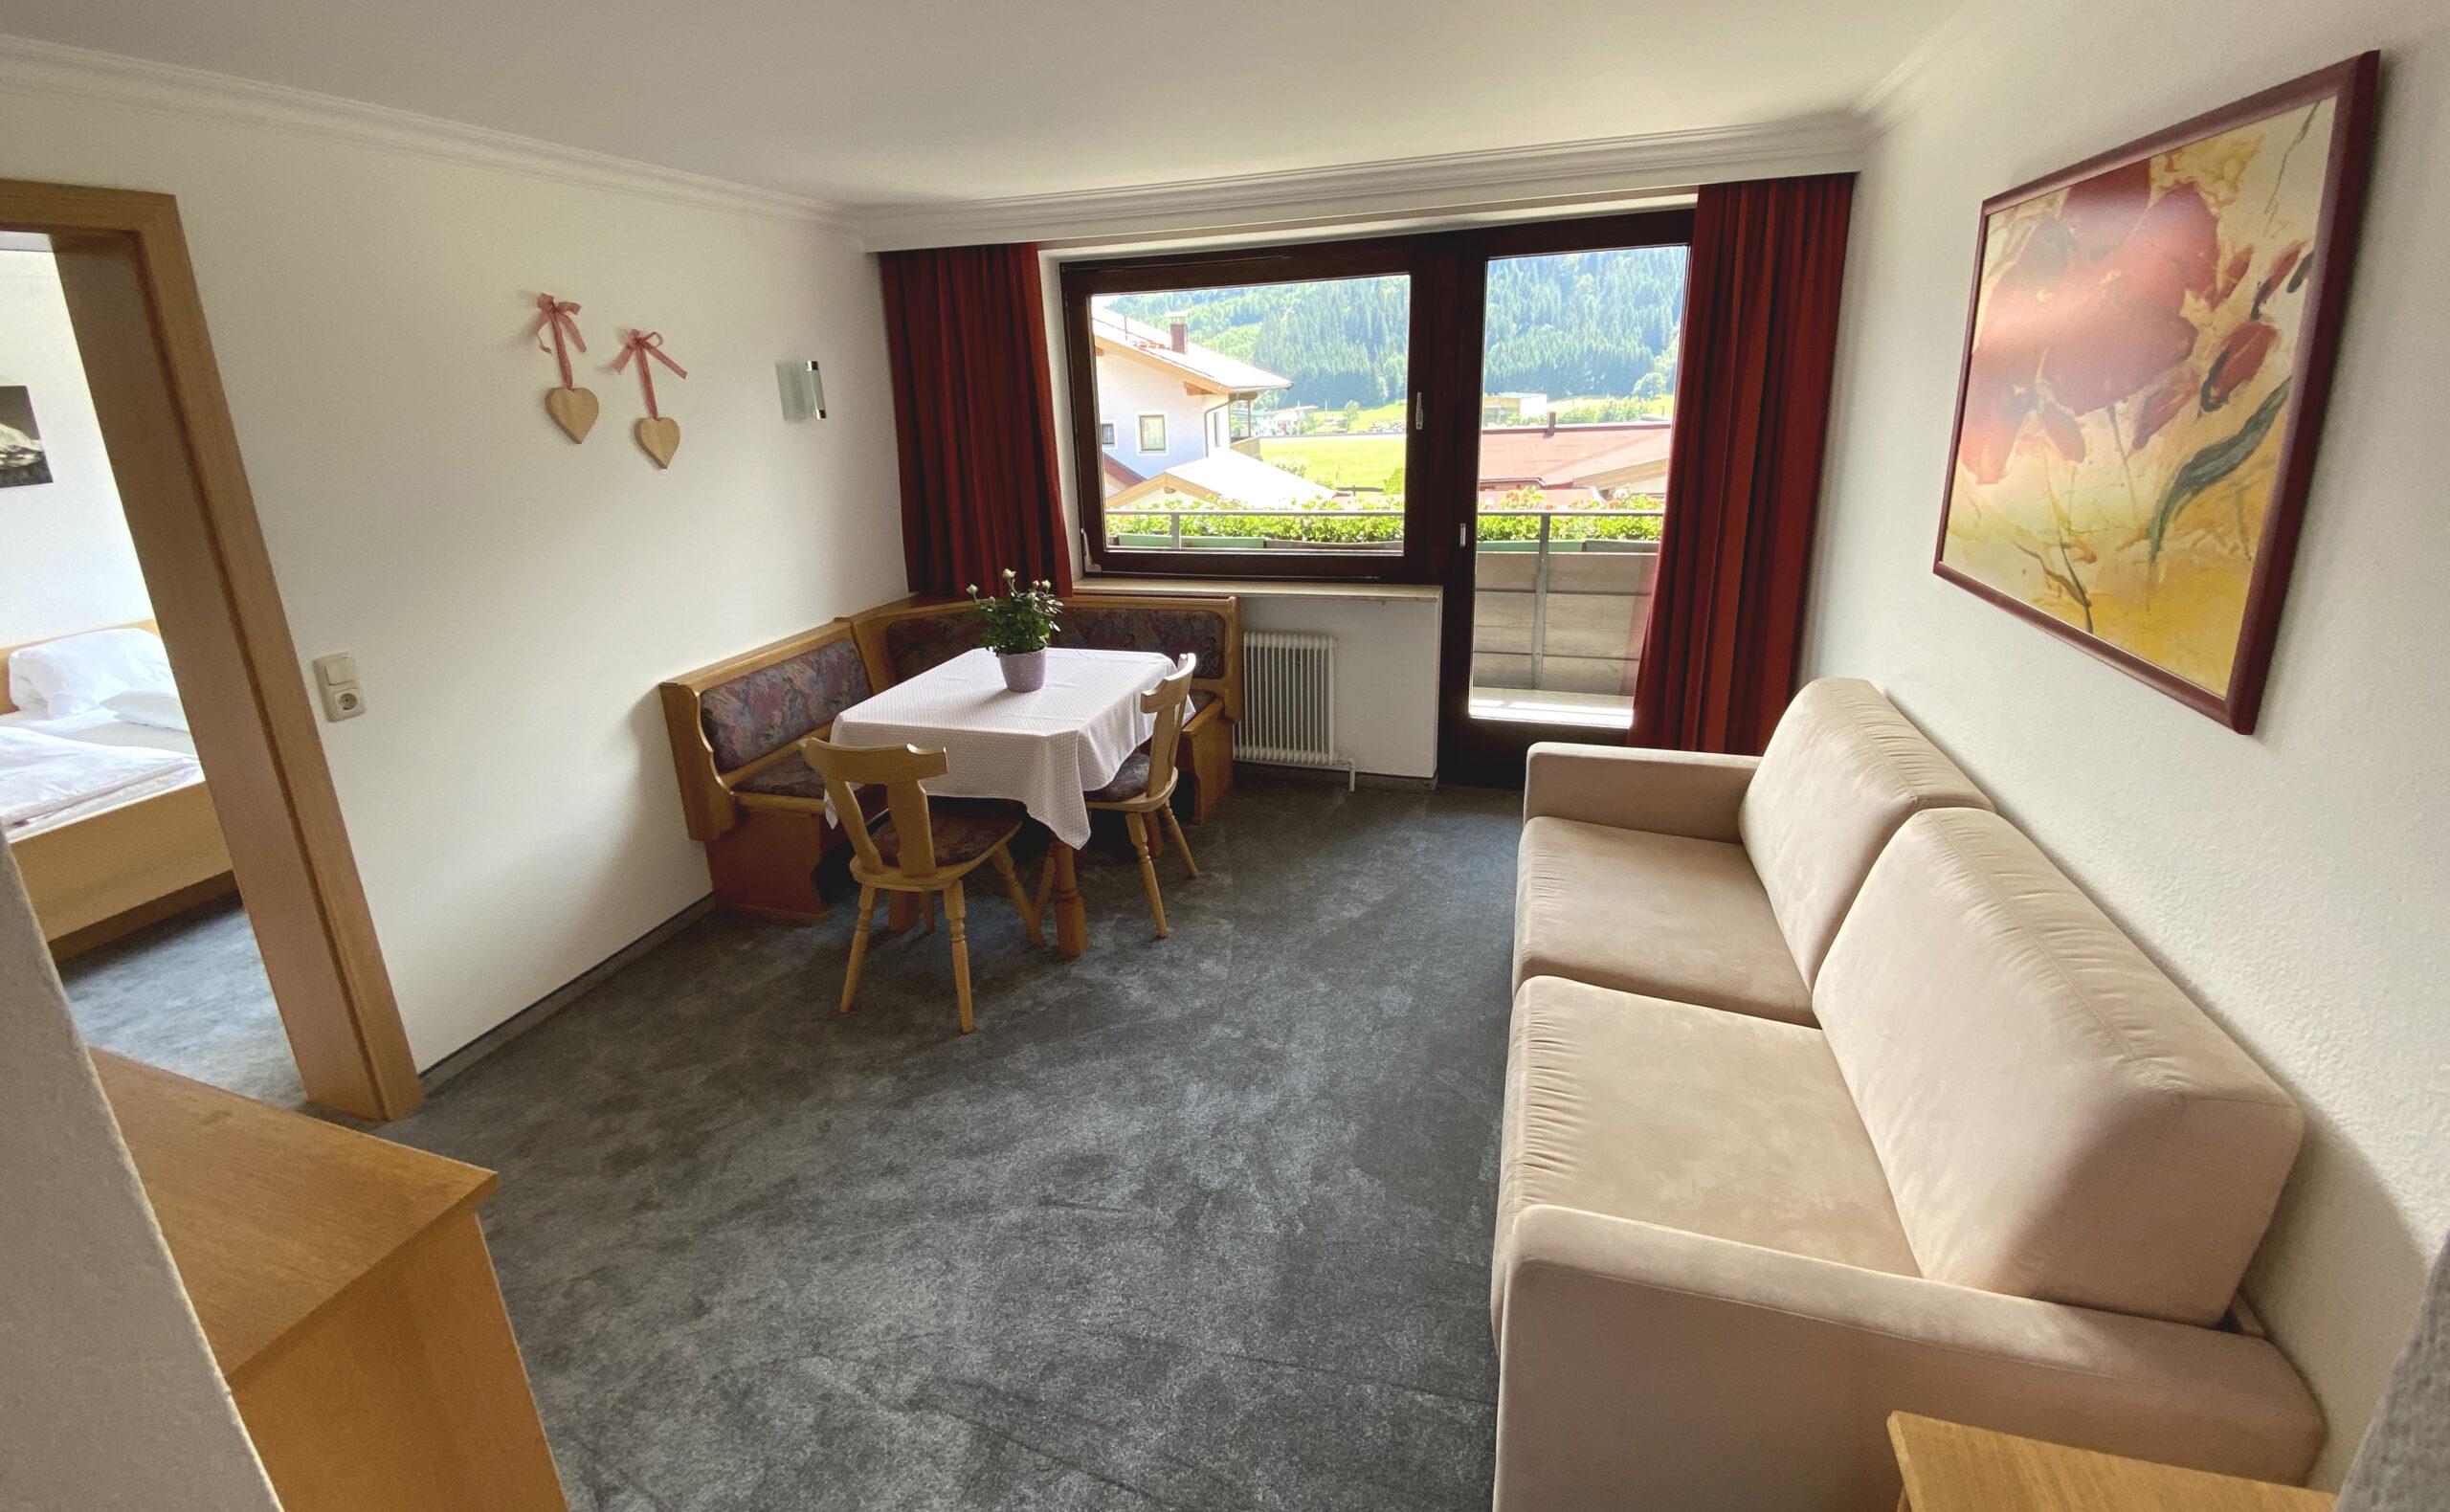 Gaisberg Wohnzimmer